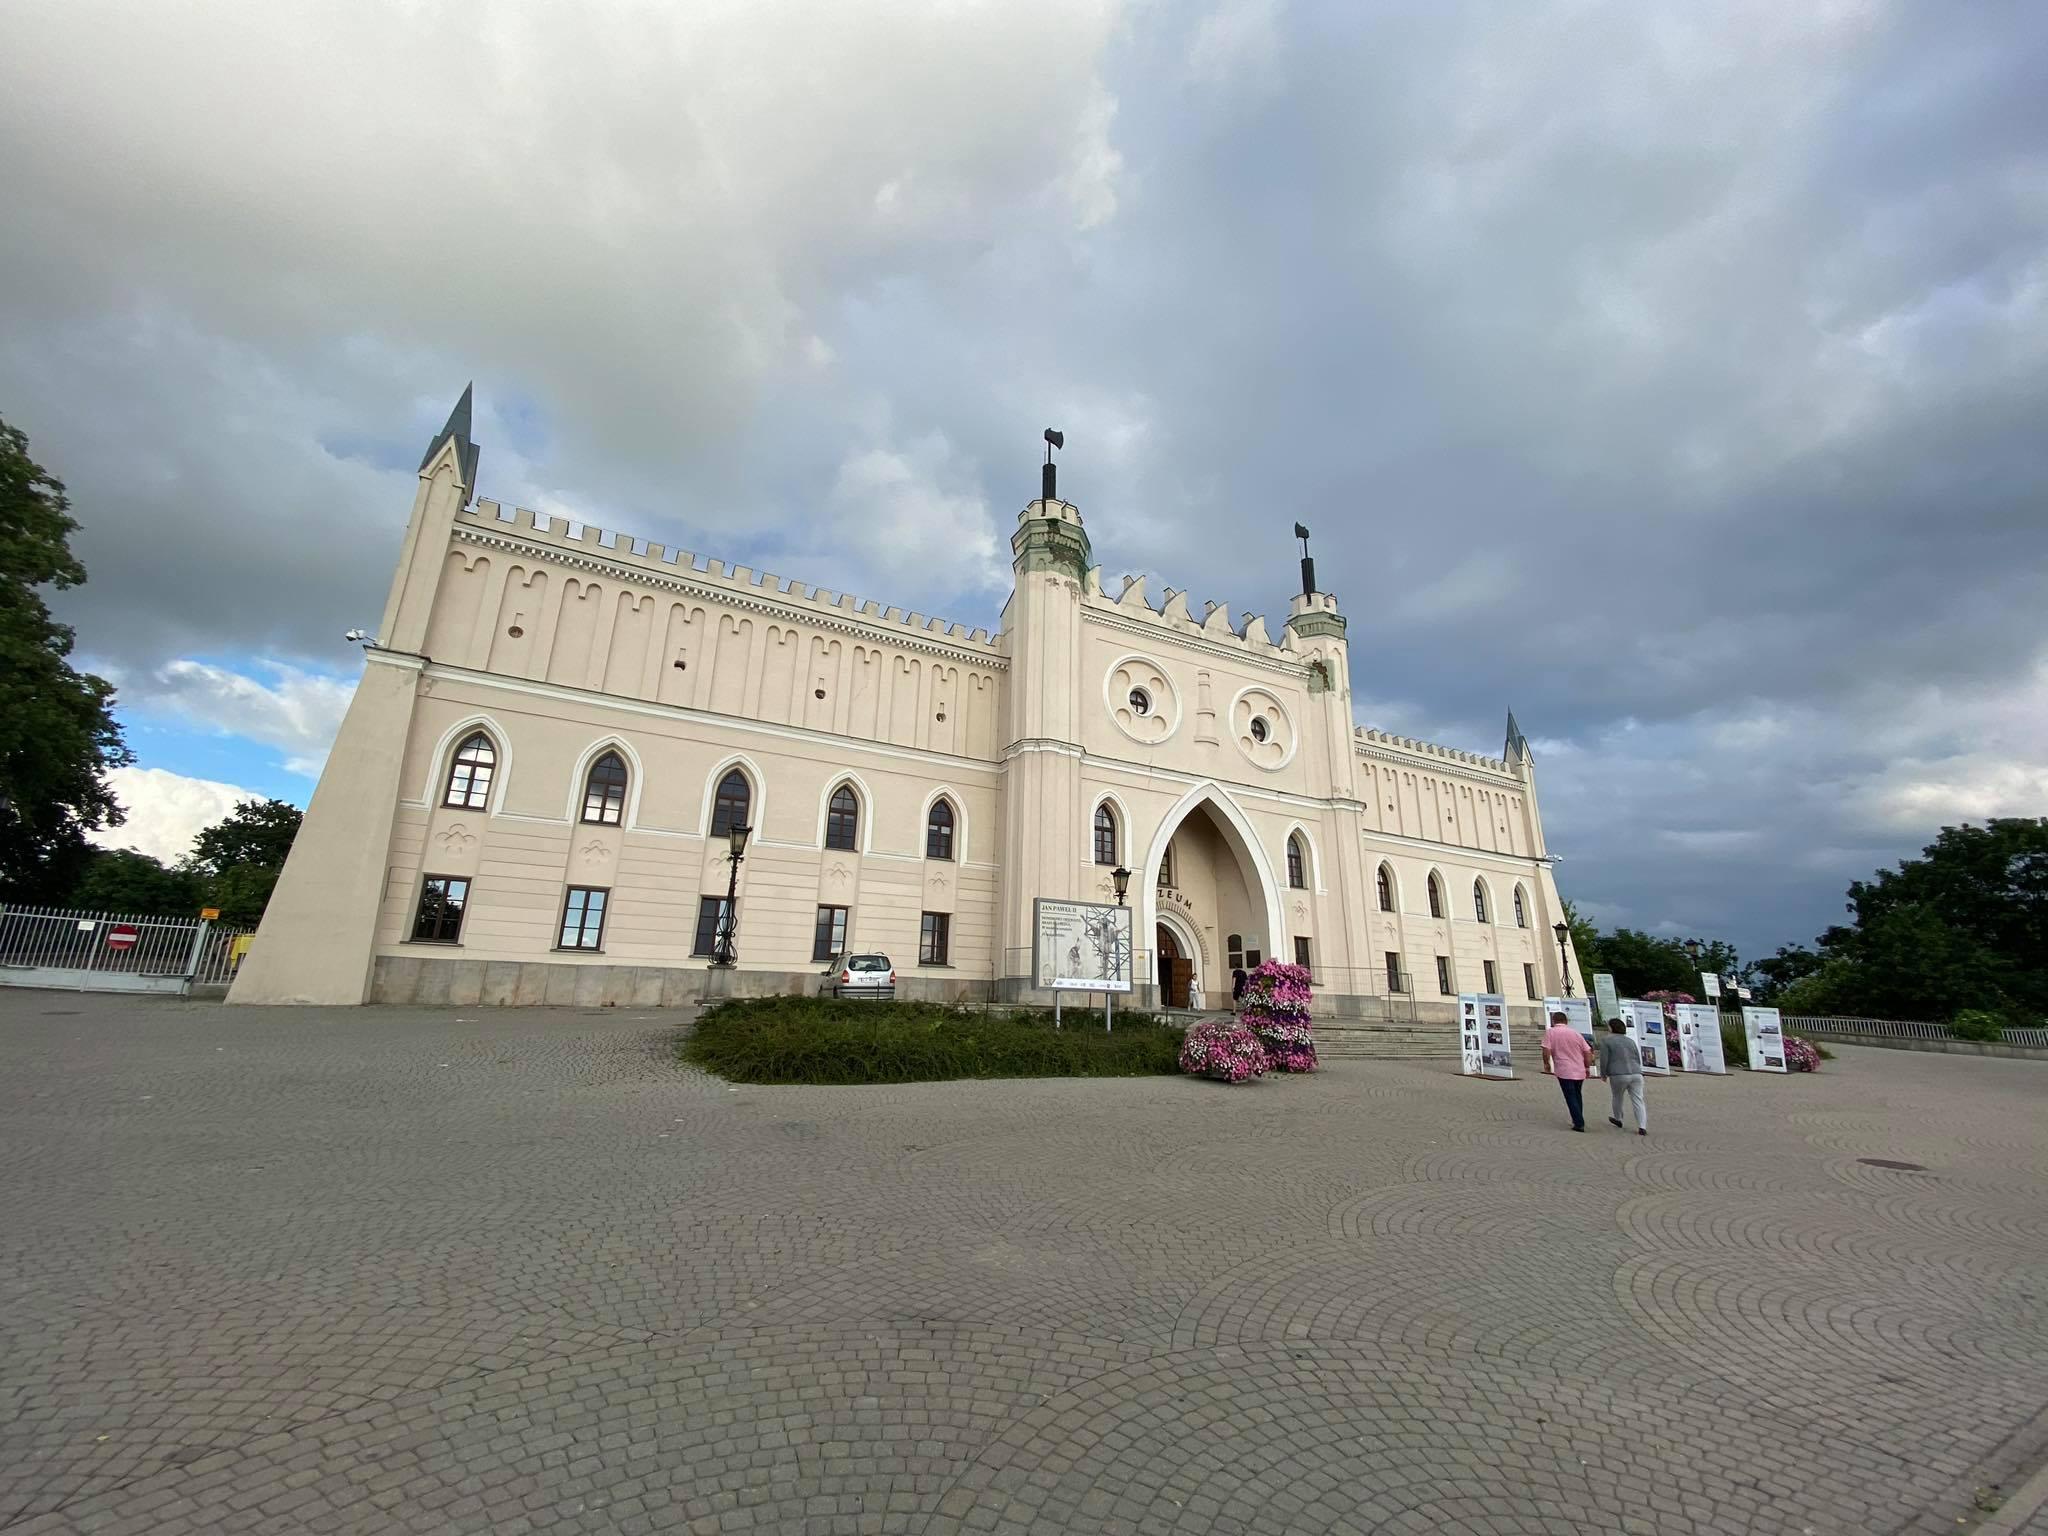 Lublinie